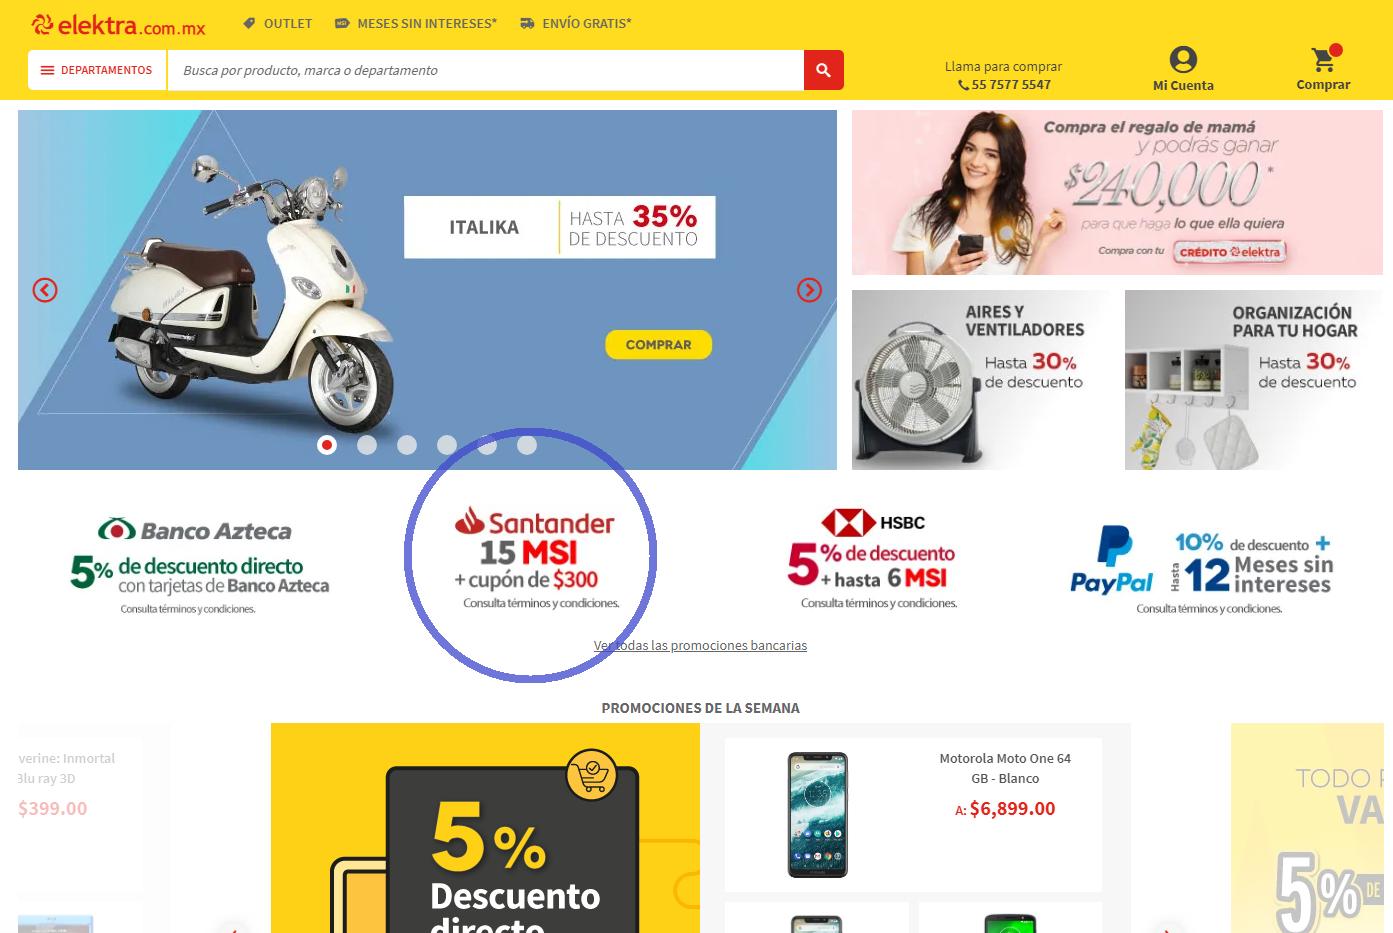 Elektra: 15 MSI con TDC Santander + Cupón de $300 MXN para siguiente compra